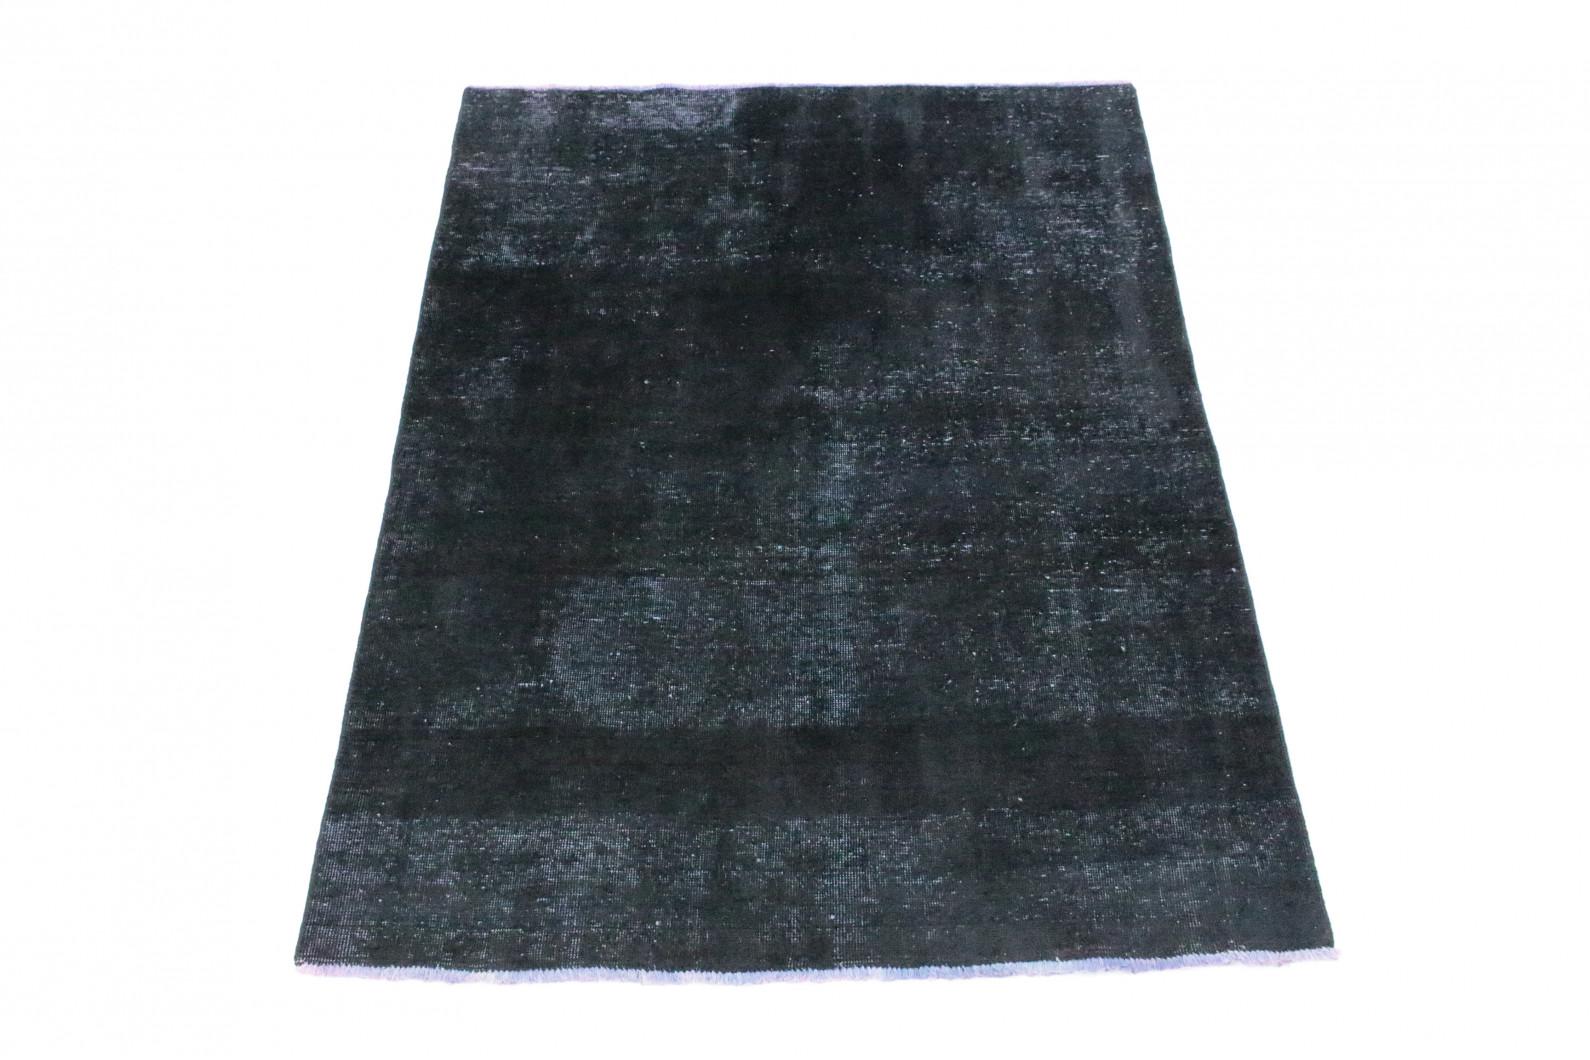 vintage teppich schwarz rosa in 190x150 1001 4001 bei kaufen. Black Bedroom Furniture Sets. Home Design Ideas